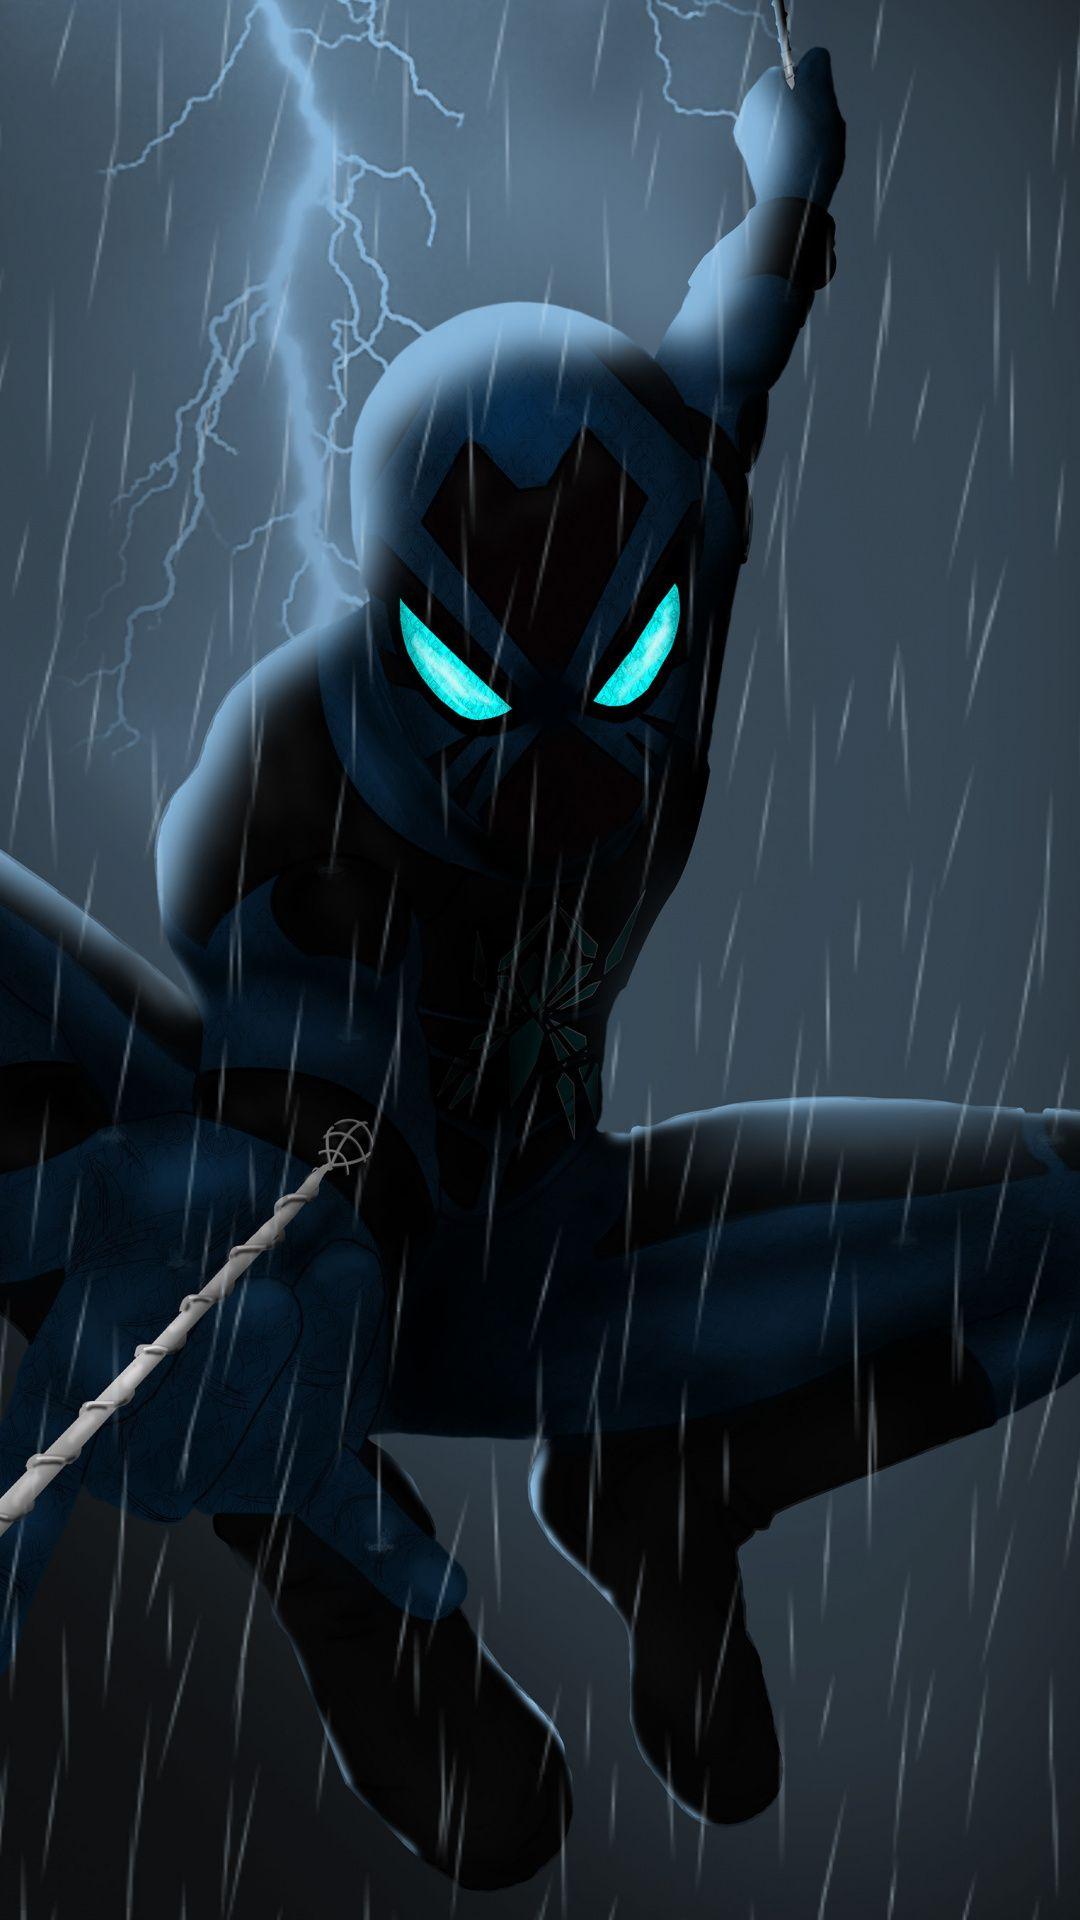 Spider man 2099 rain artwork dark 1080x1920 wallpaper 1080x1920